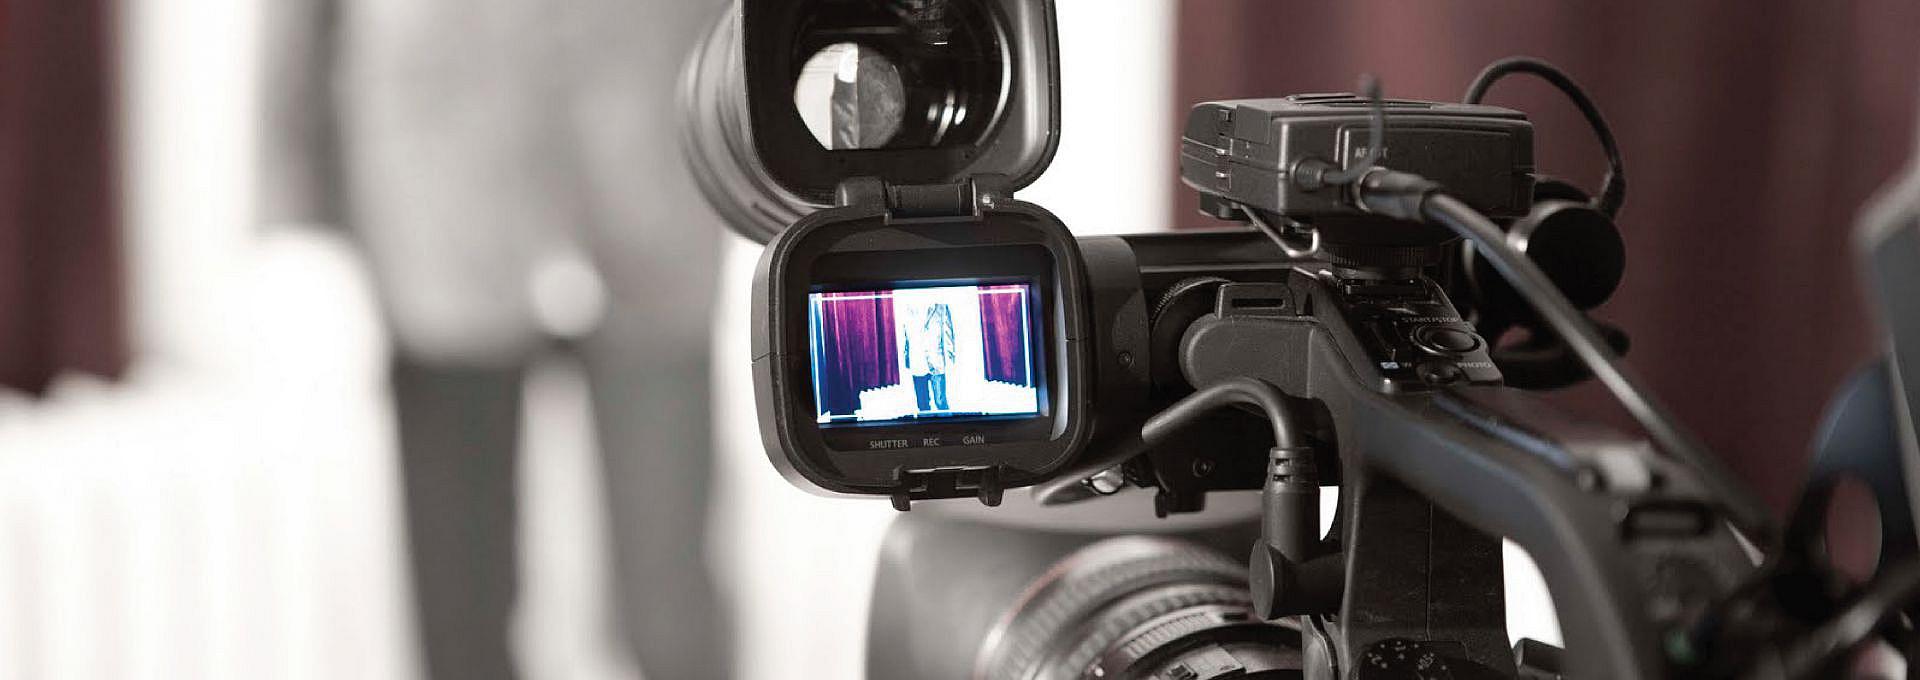 địa chỉ quay video quảng cáo doanh nghiệp